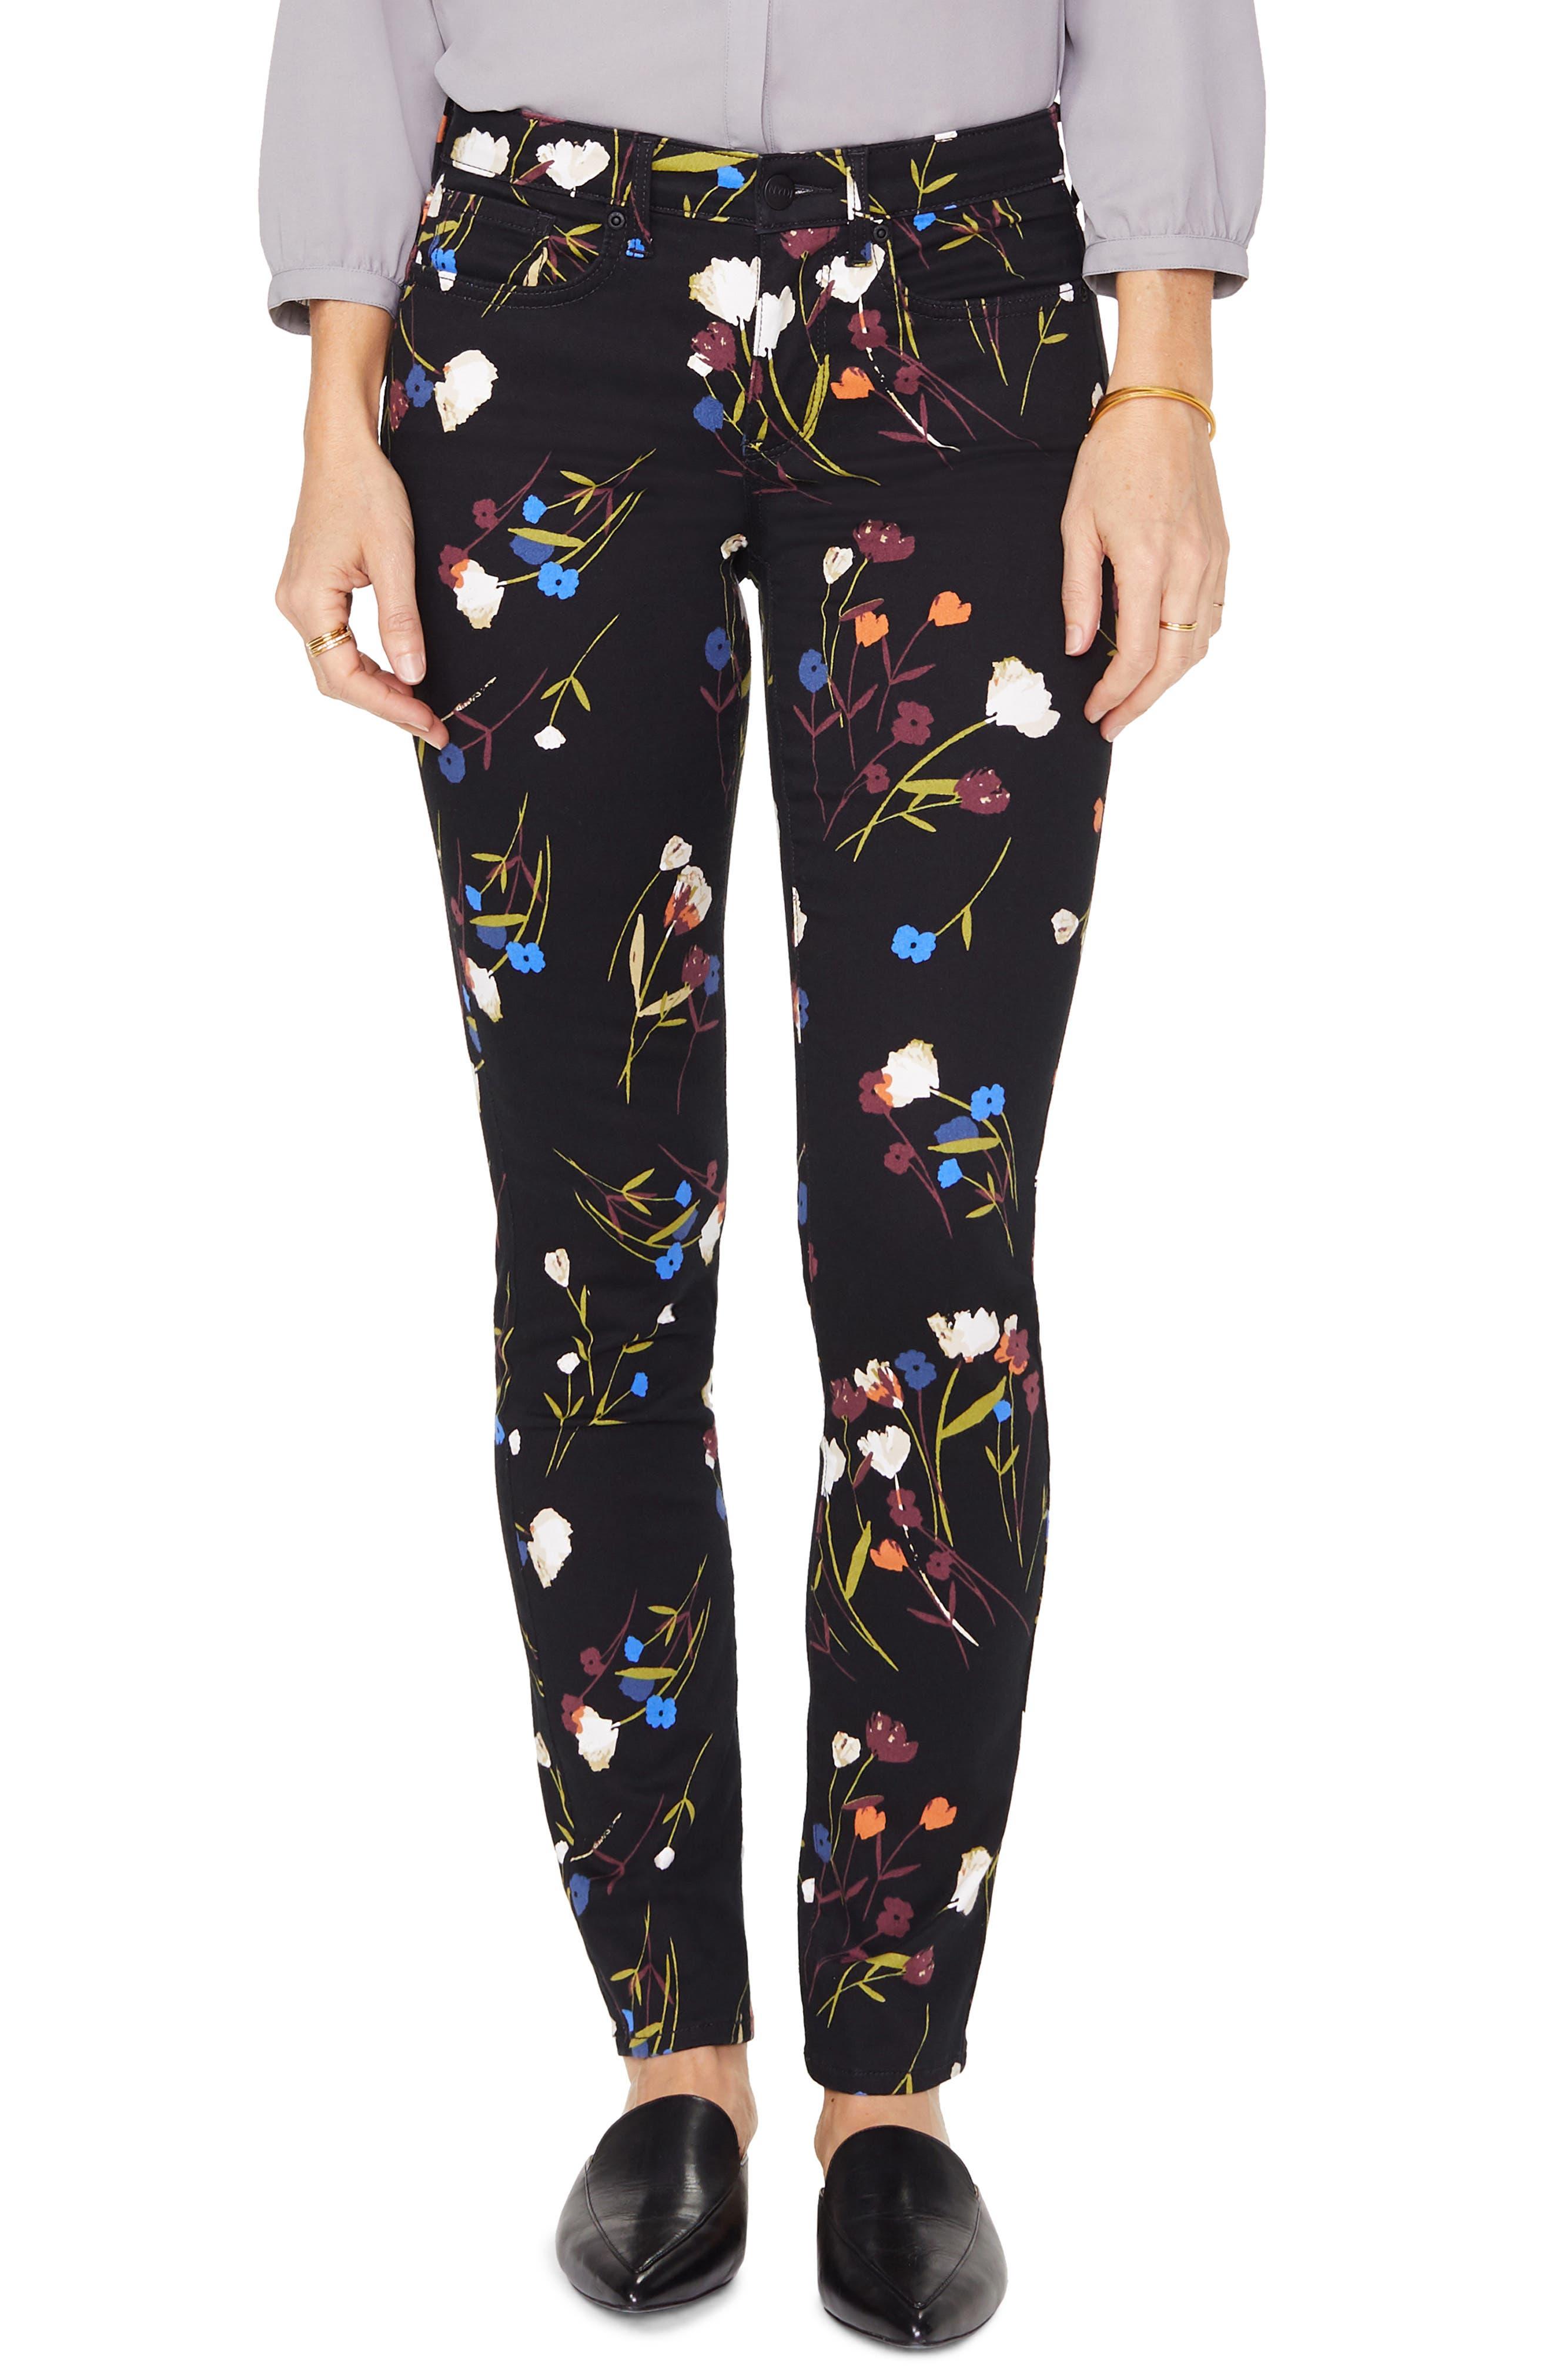 Women's Nydj Alina High Waist Stretch Skinny Jeans,  8 - Black